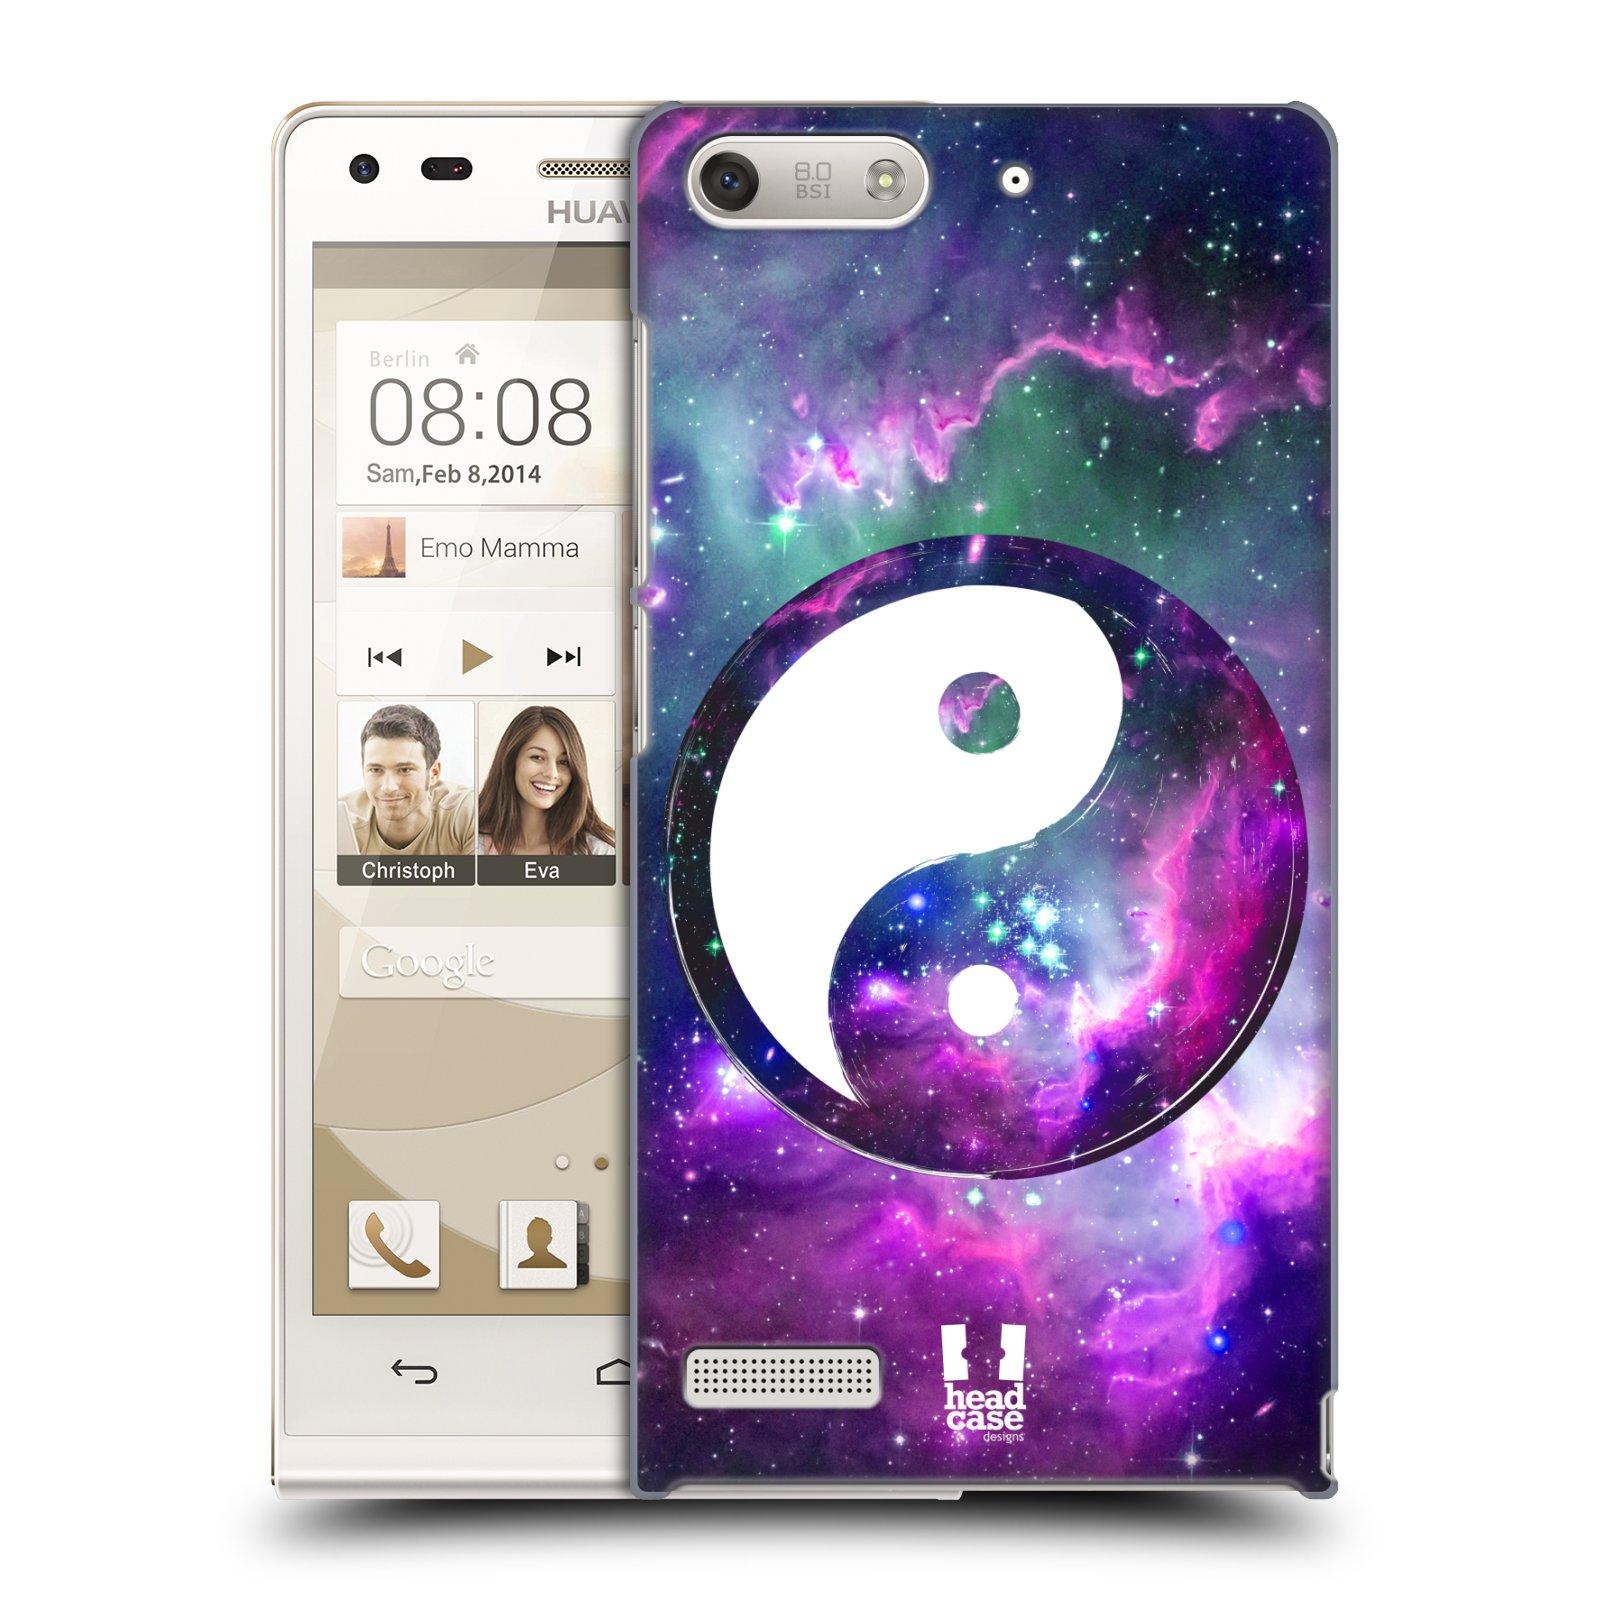 Plastové pouzdro na mobil Huawei Ascend G6 HEAD CASE Yin a Yang PURPLE (Kryt či obal na mobilní telefon Huawei Ascend G6 bez LTE)